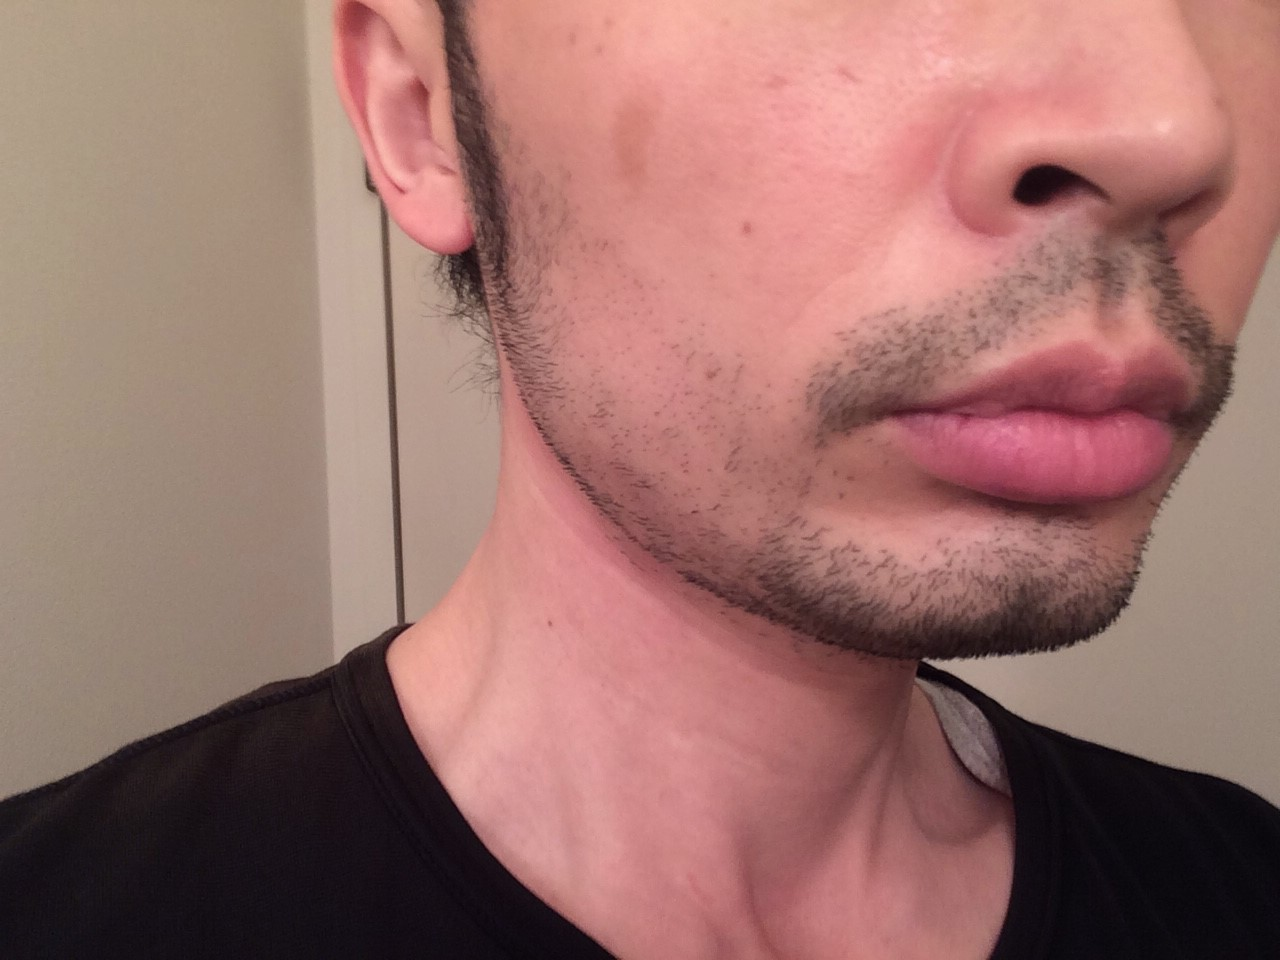 頬ひげ脱毛1回目の効果